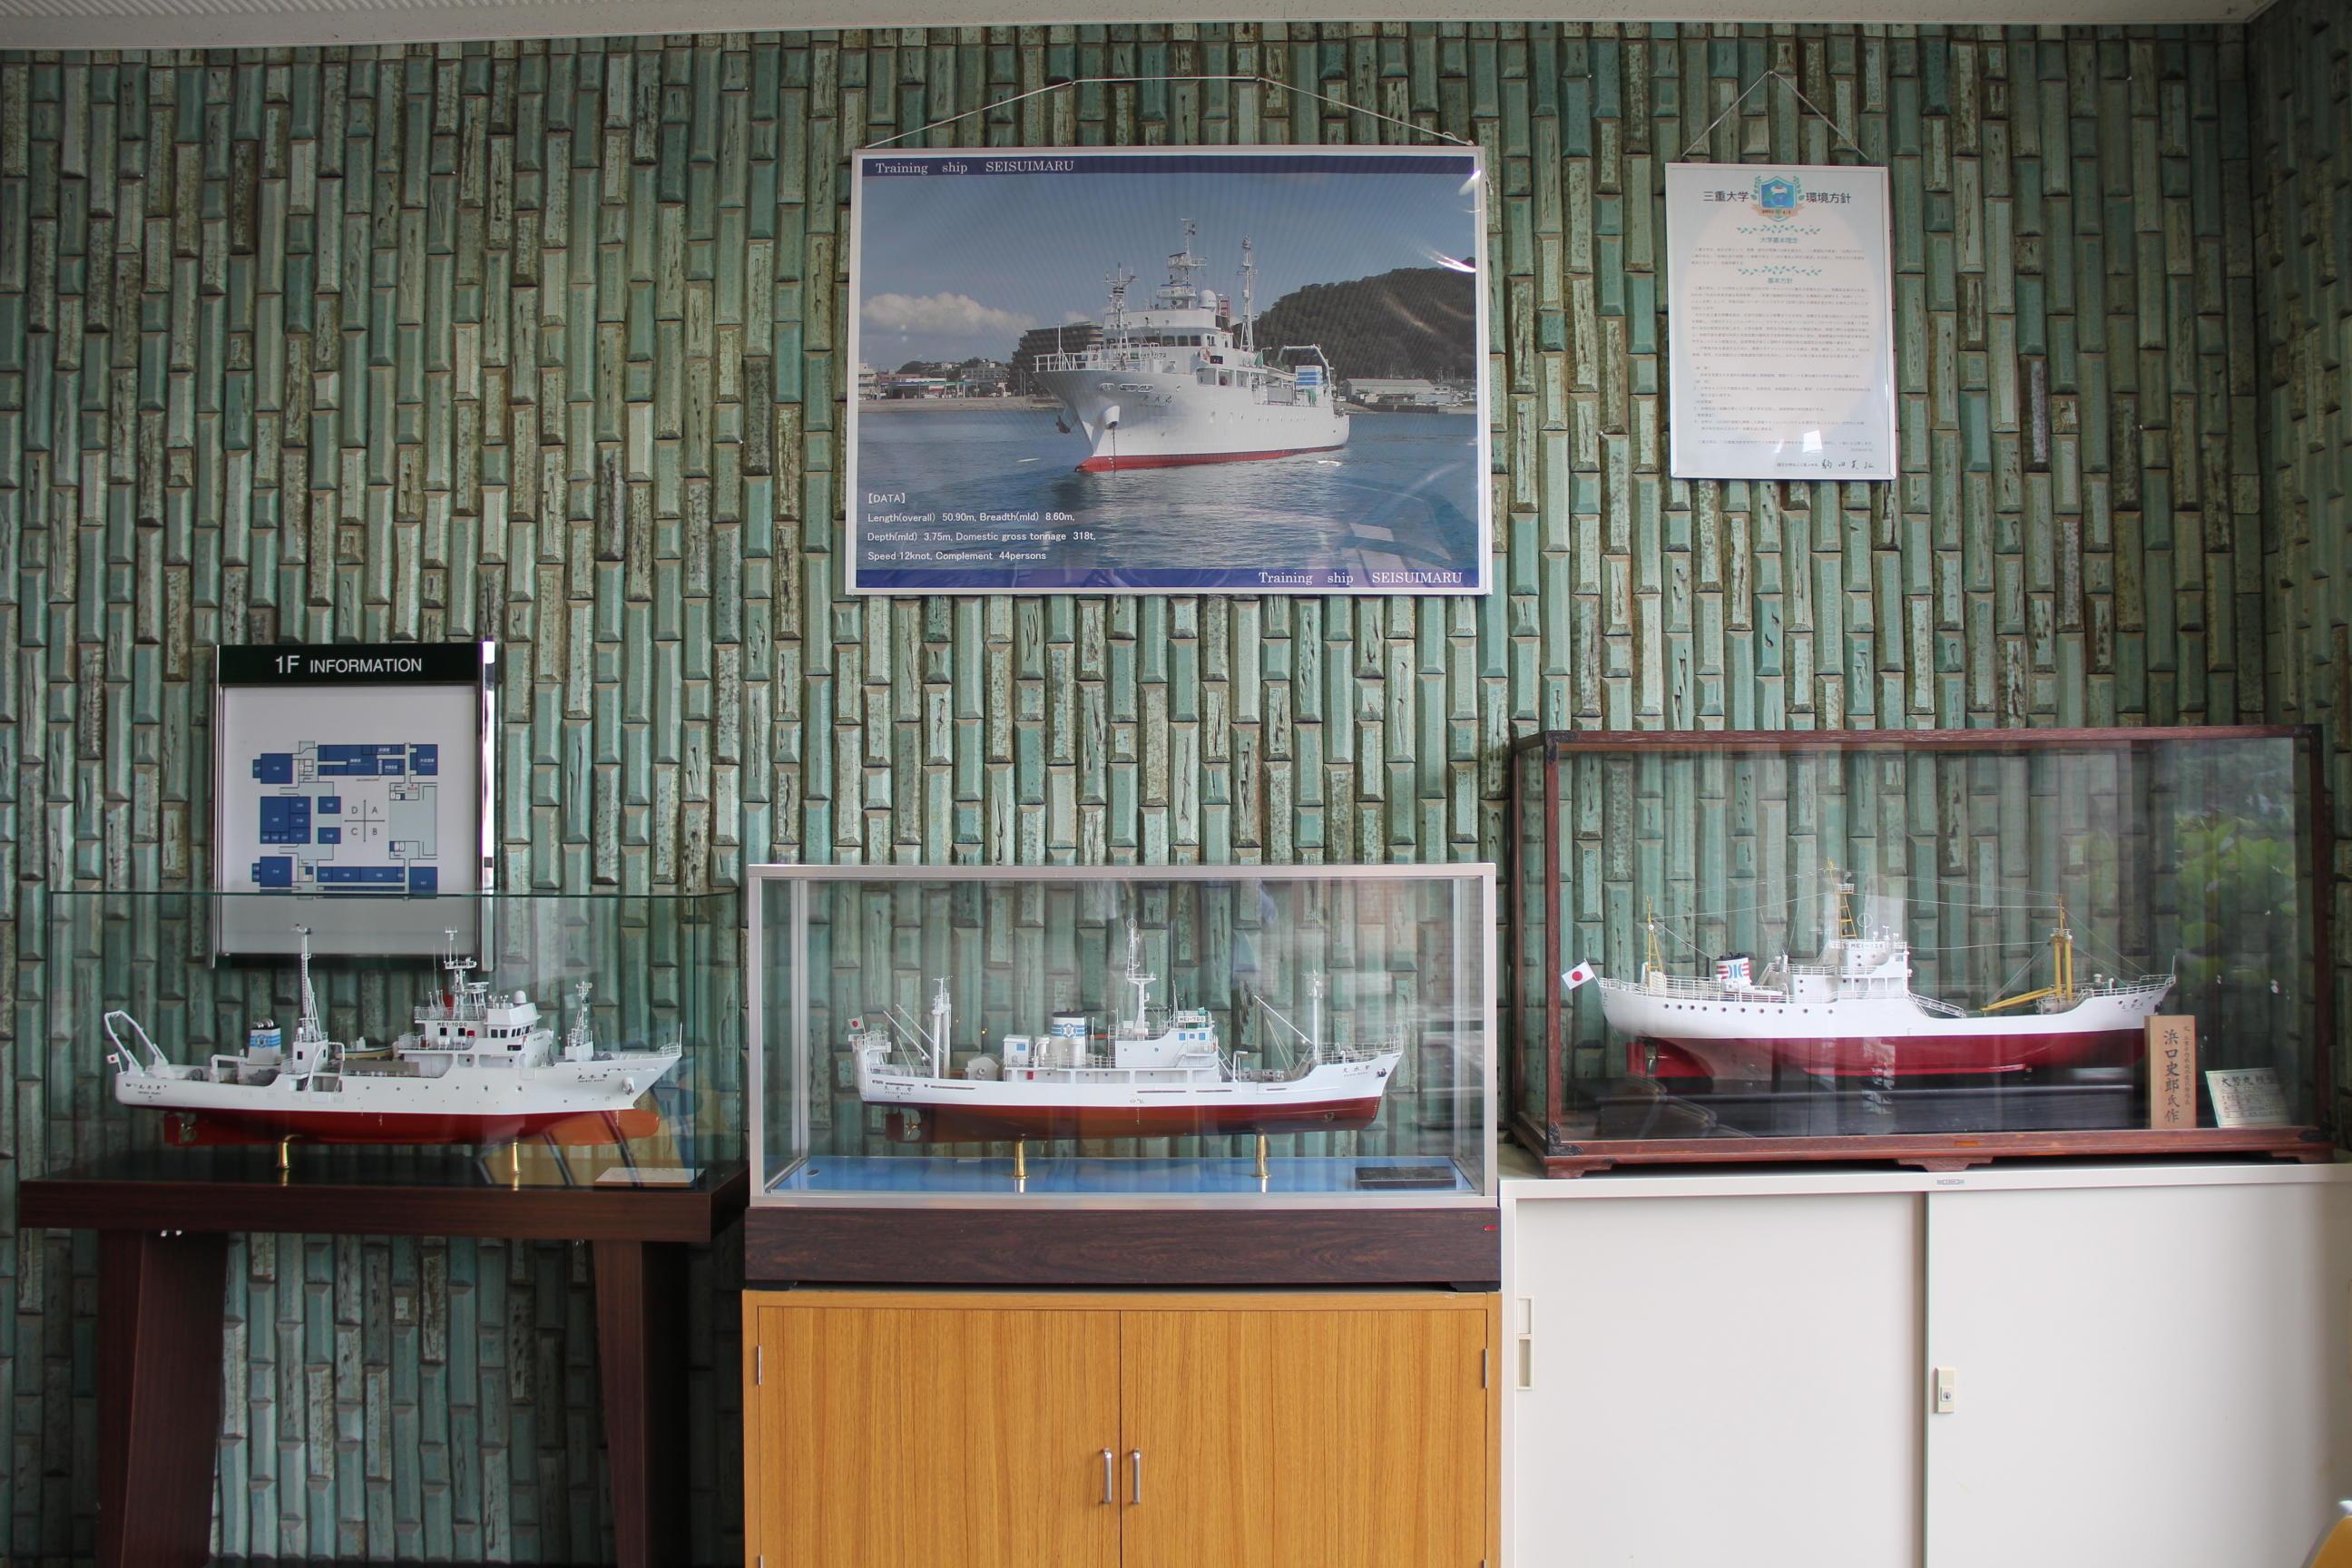 展示中の船模型